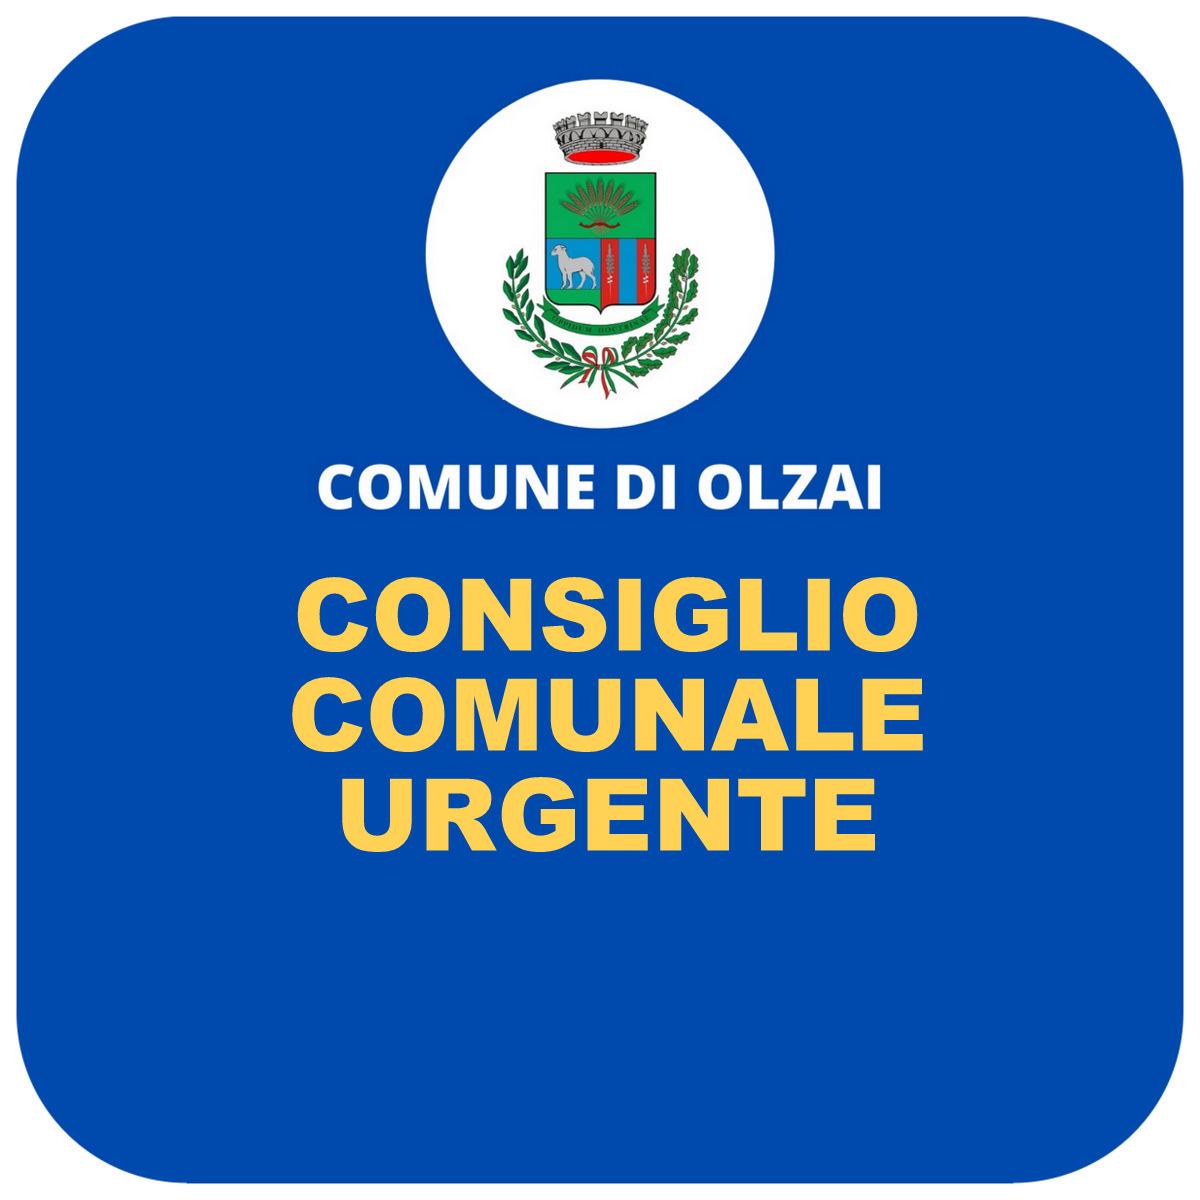 CONVOCAZIONE CONSIGLIO COMUNALE URGENTE - venerdi 12 febbraio 2021